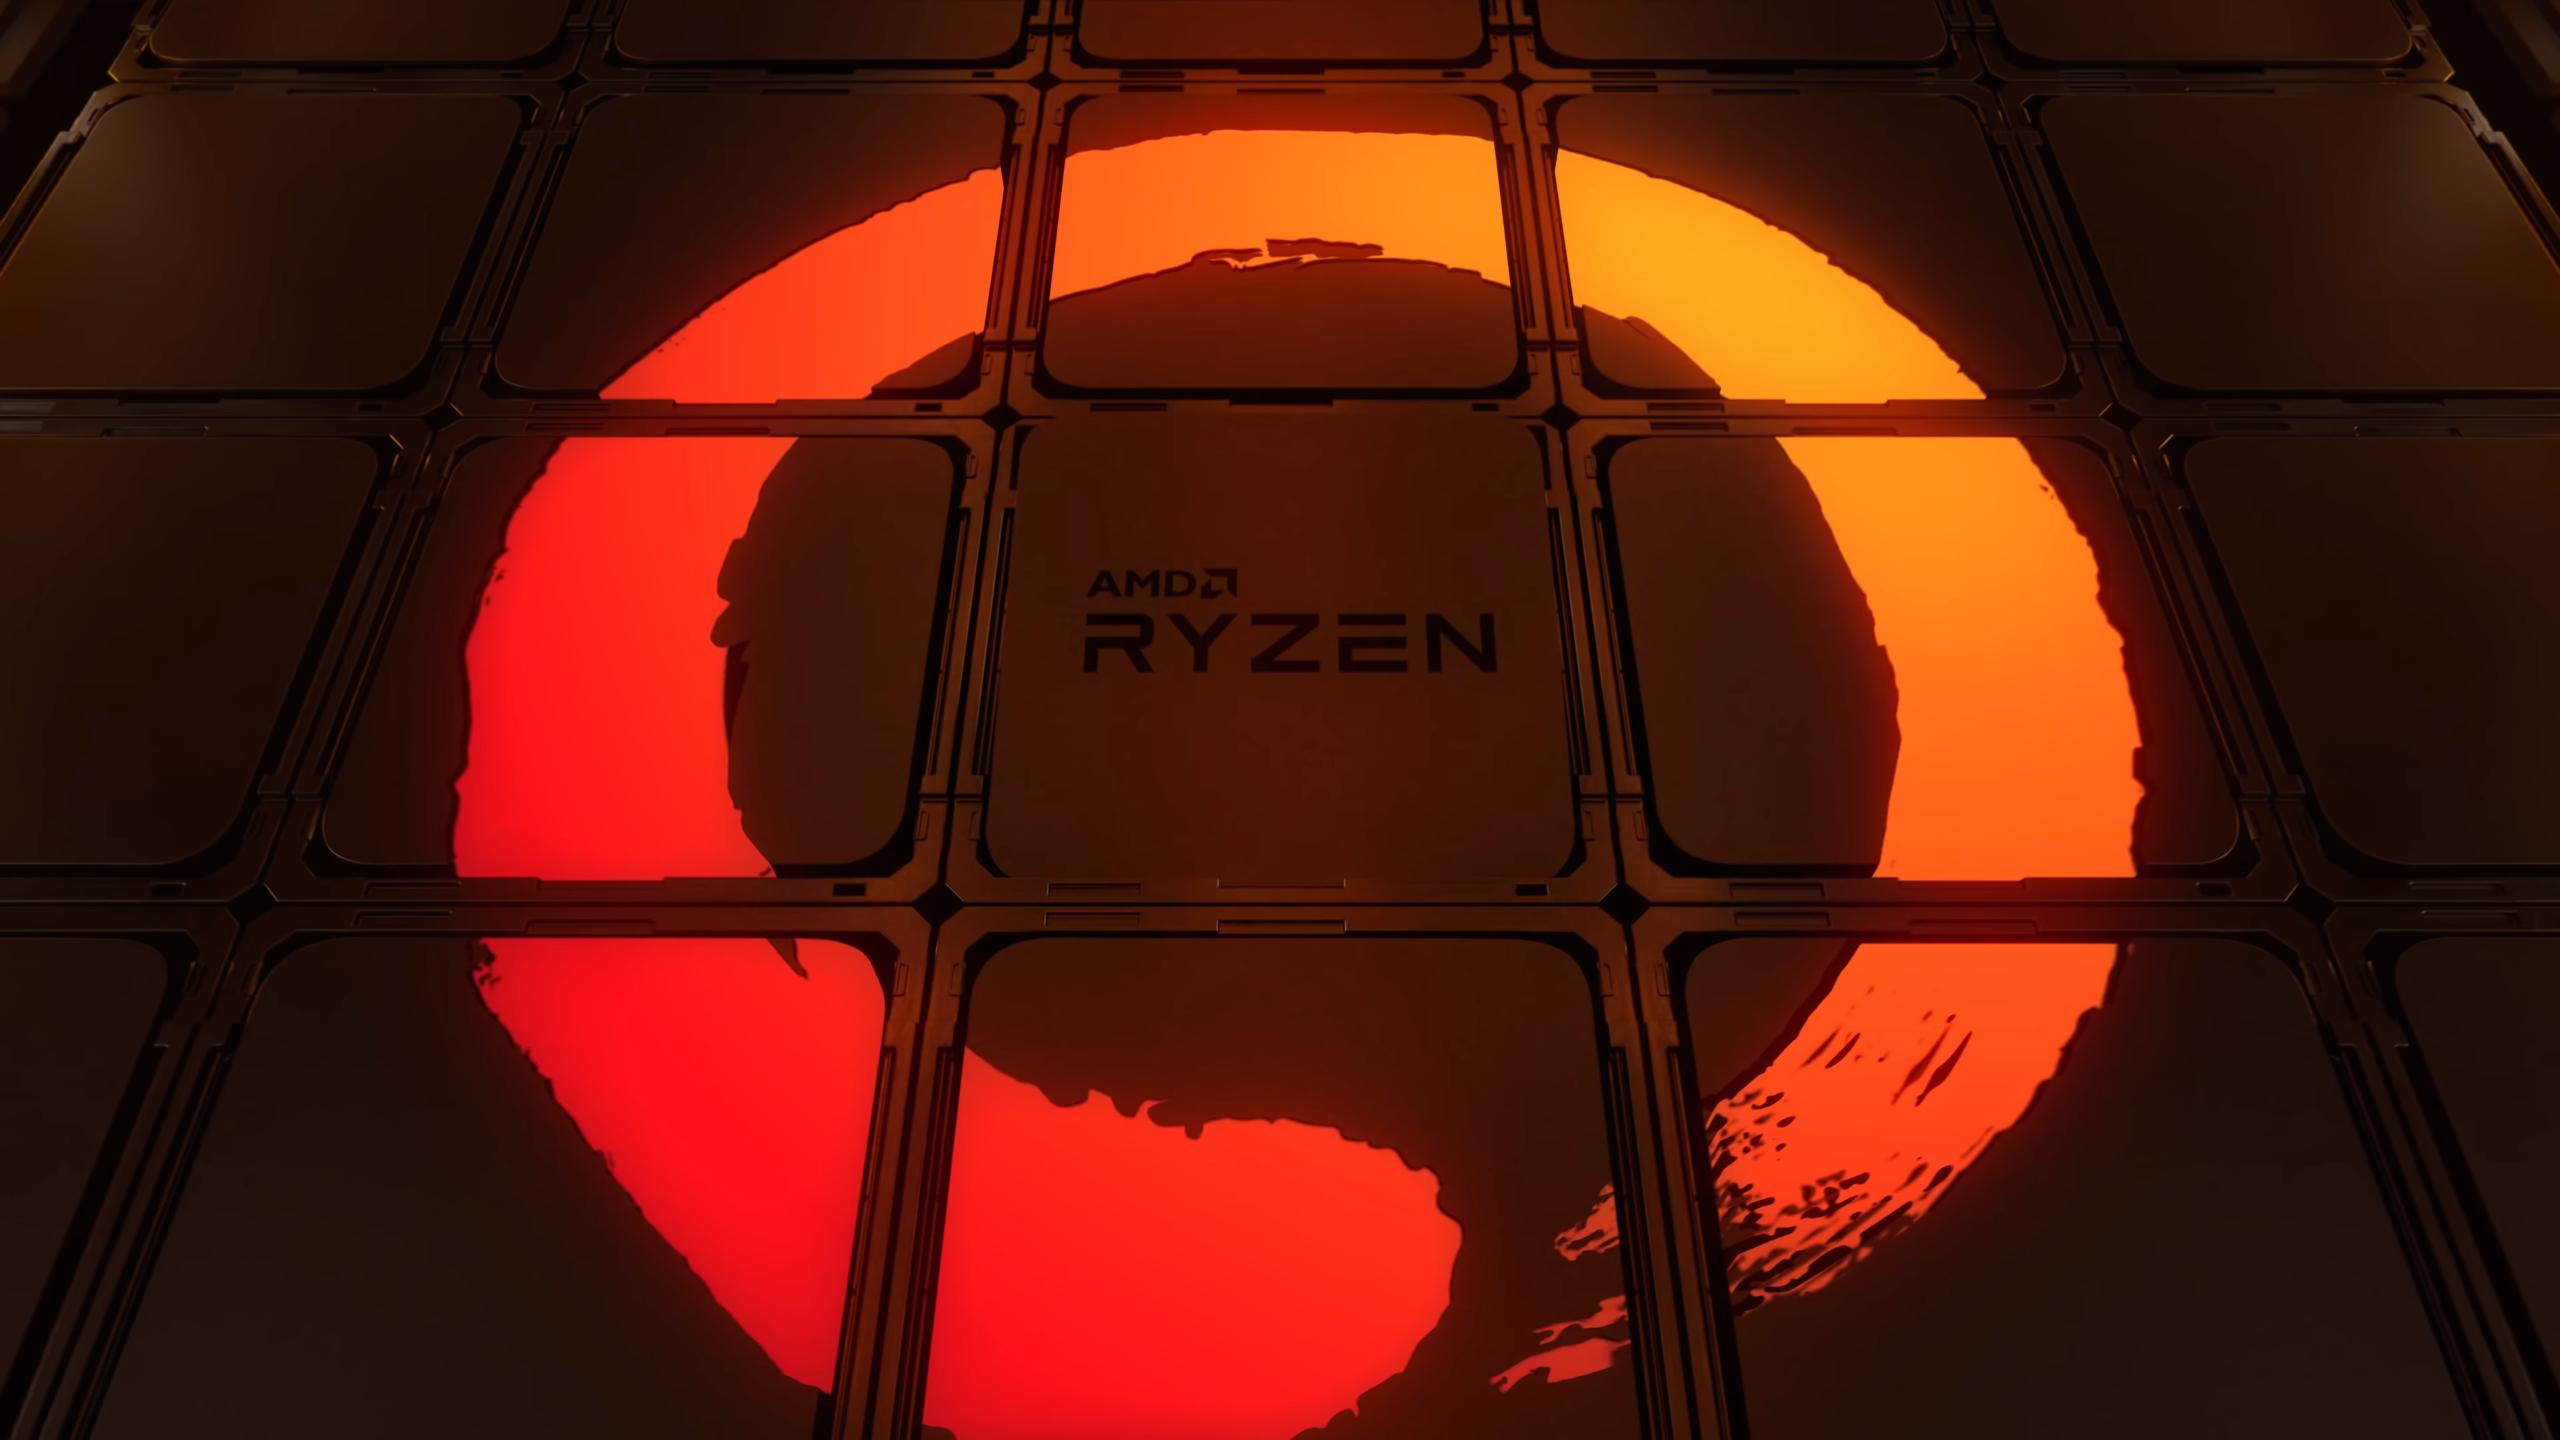 Процессор Ryzen 7 3700X выступил на равных с Core i9-9900K в тестах